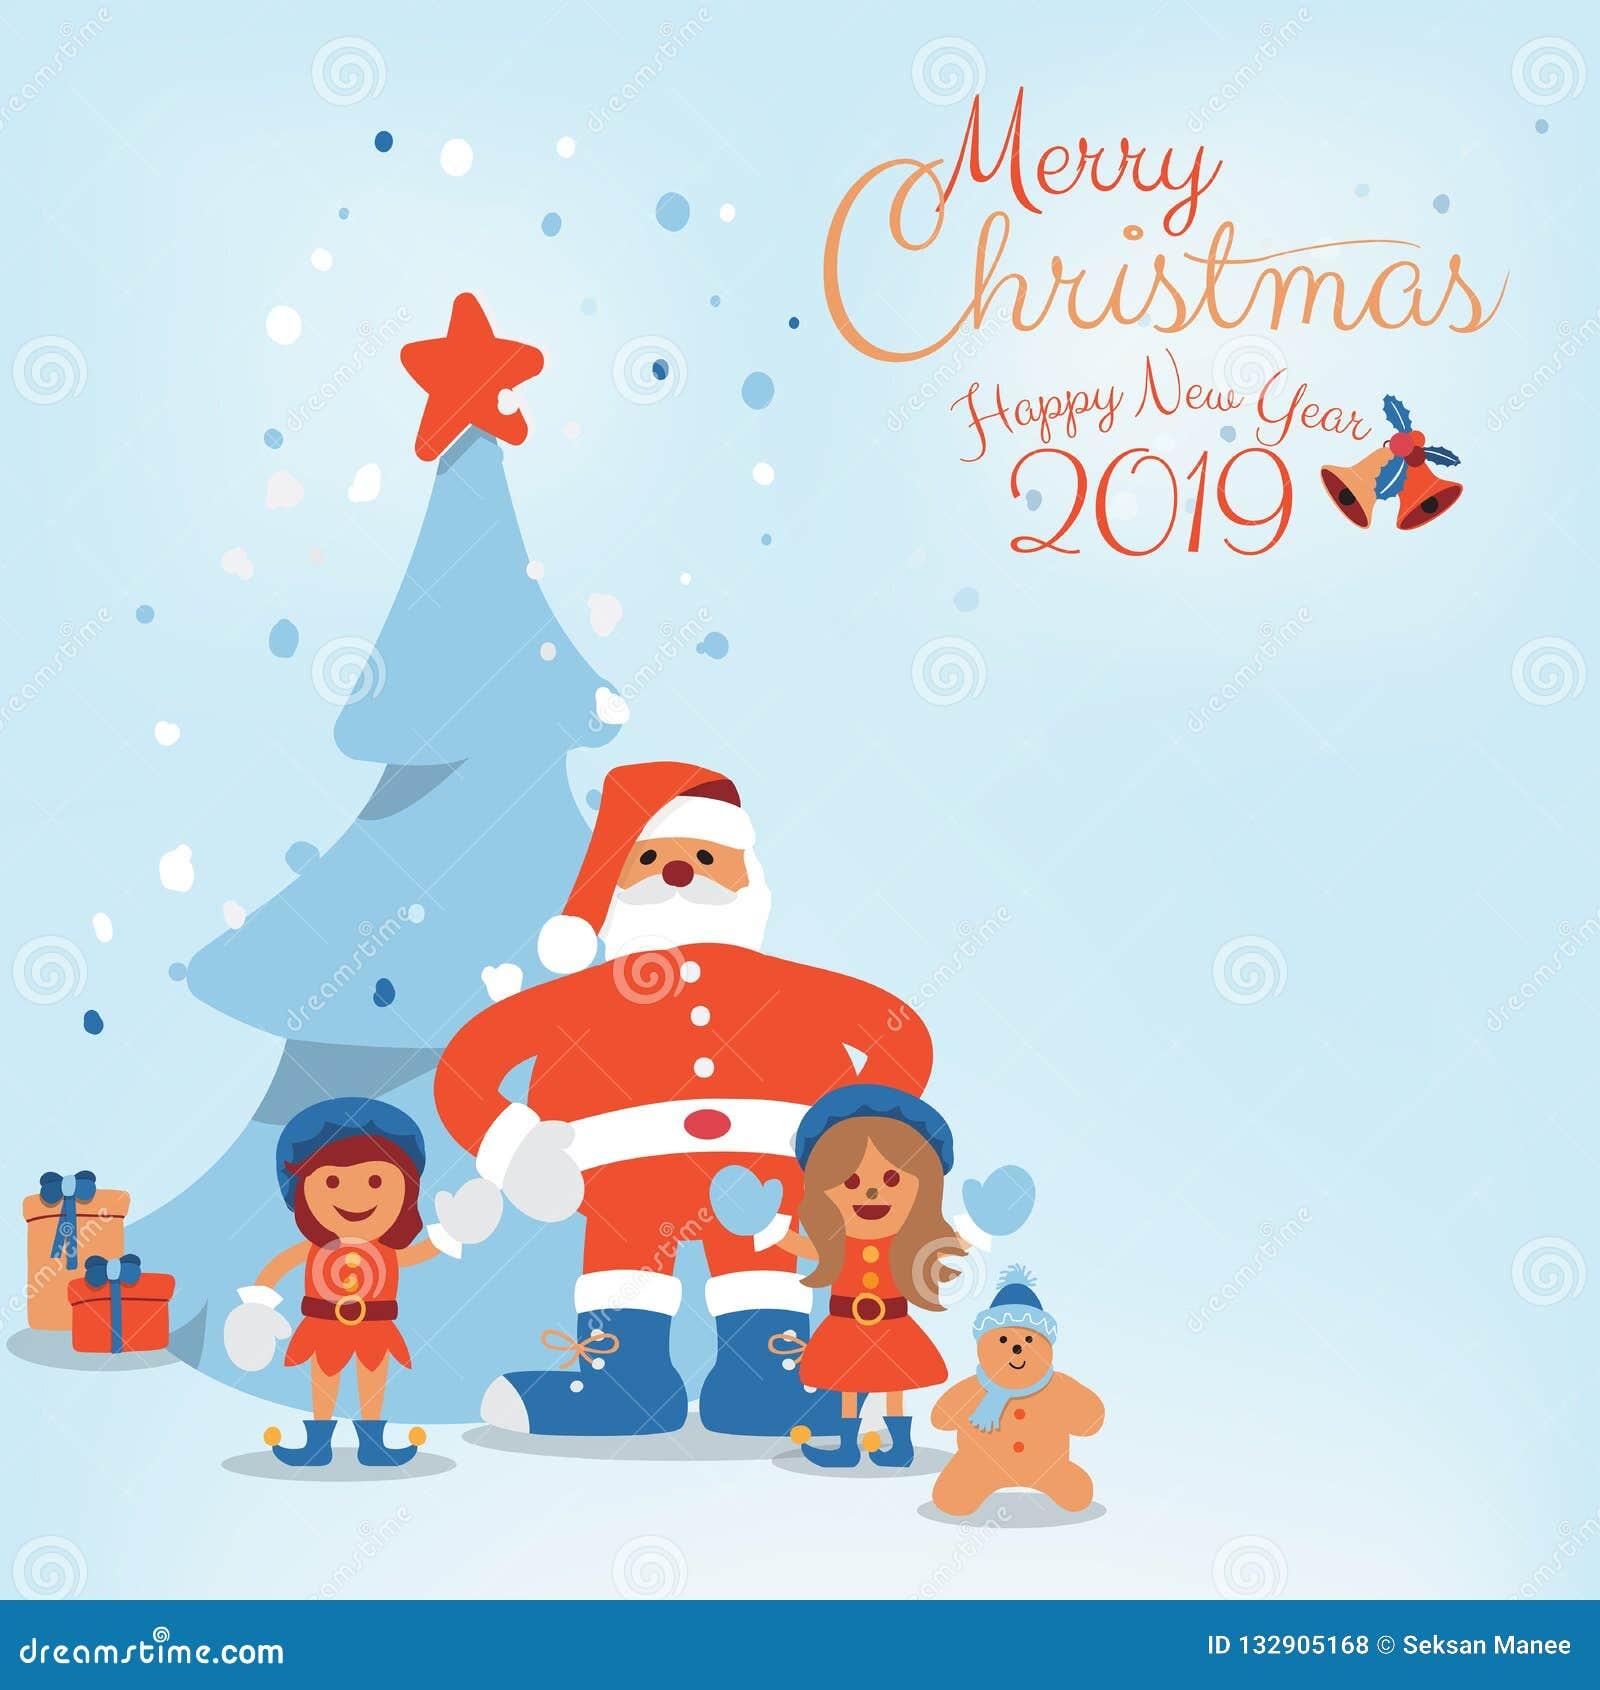 Zeichentrickfilm-Figur von Santa Claus-, Kinder- und Weihnachtsbaum mit Hand geschriebenen frohen Weihnachten